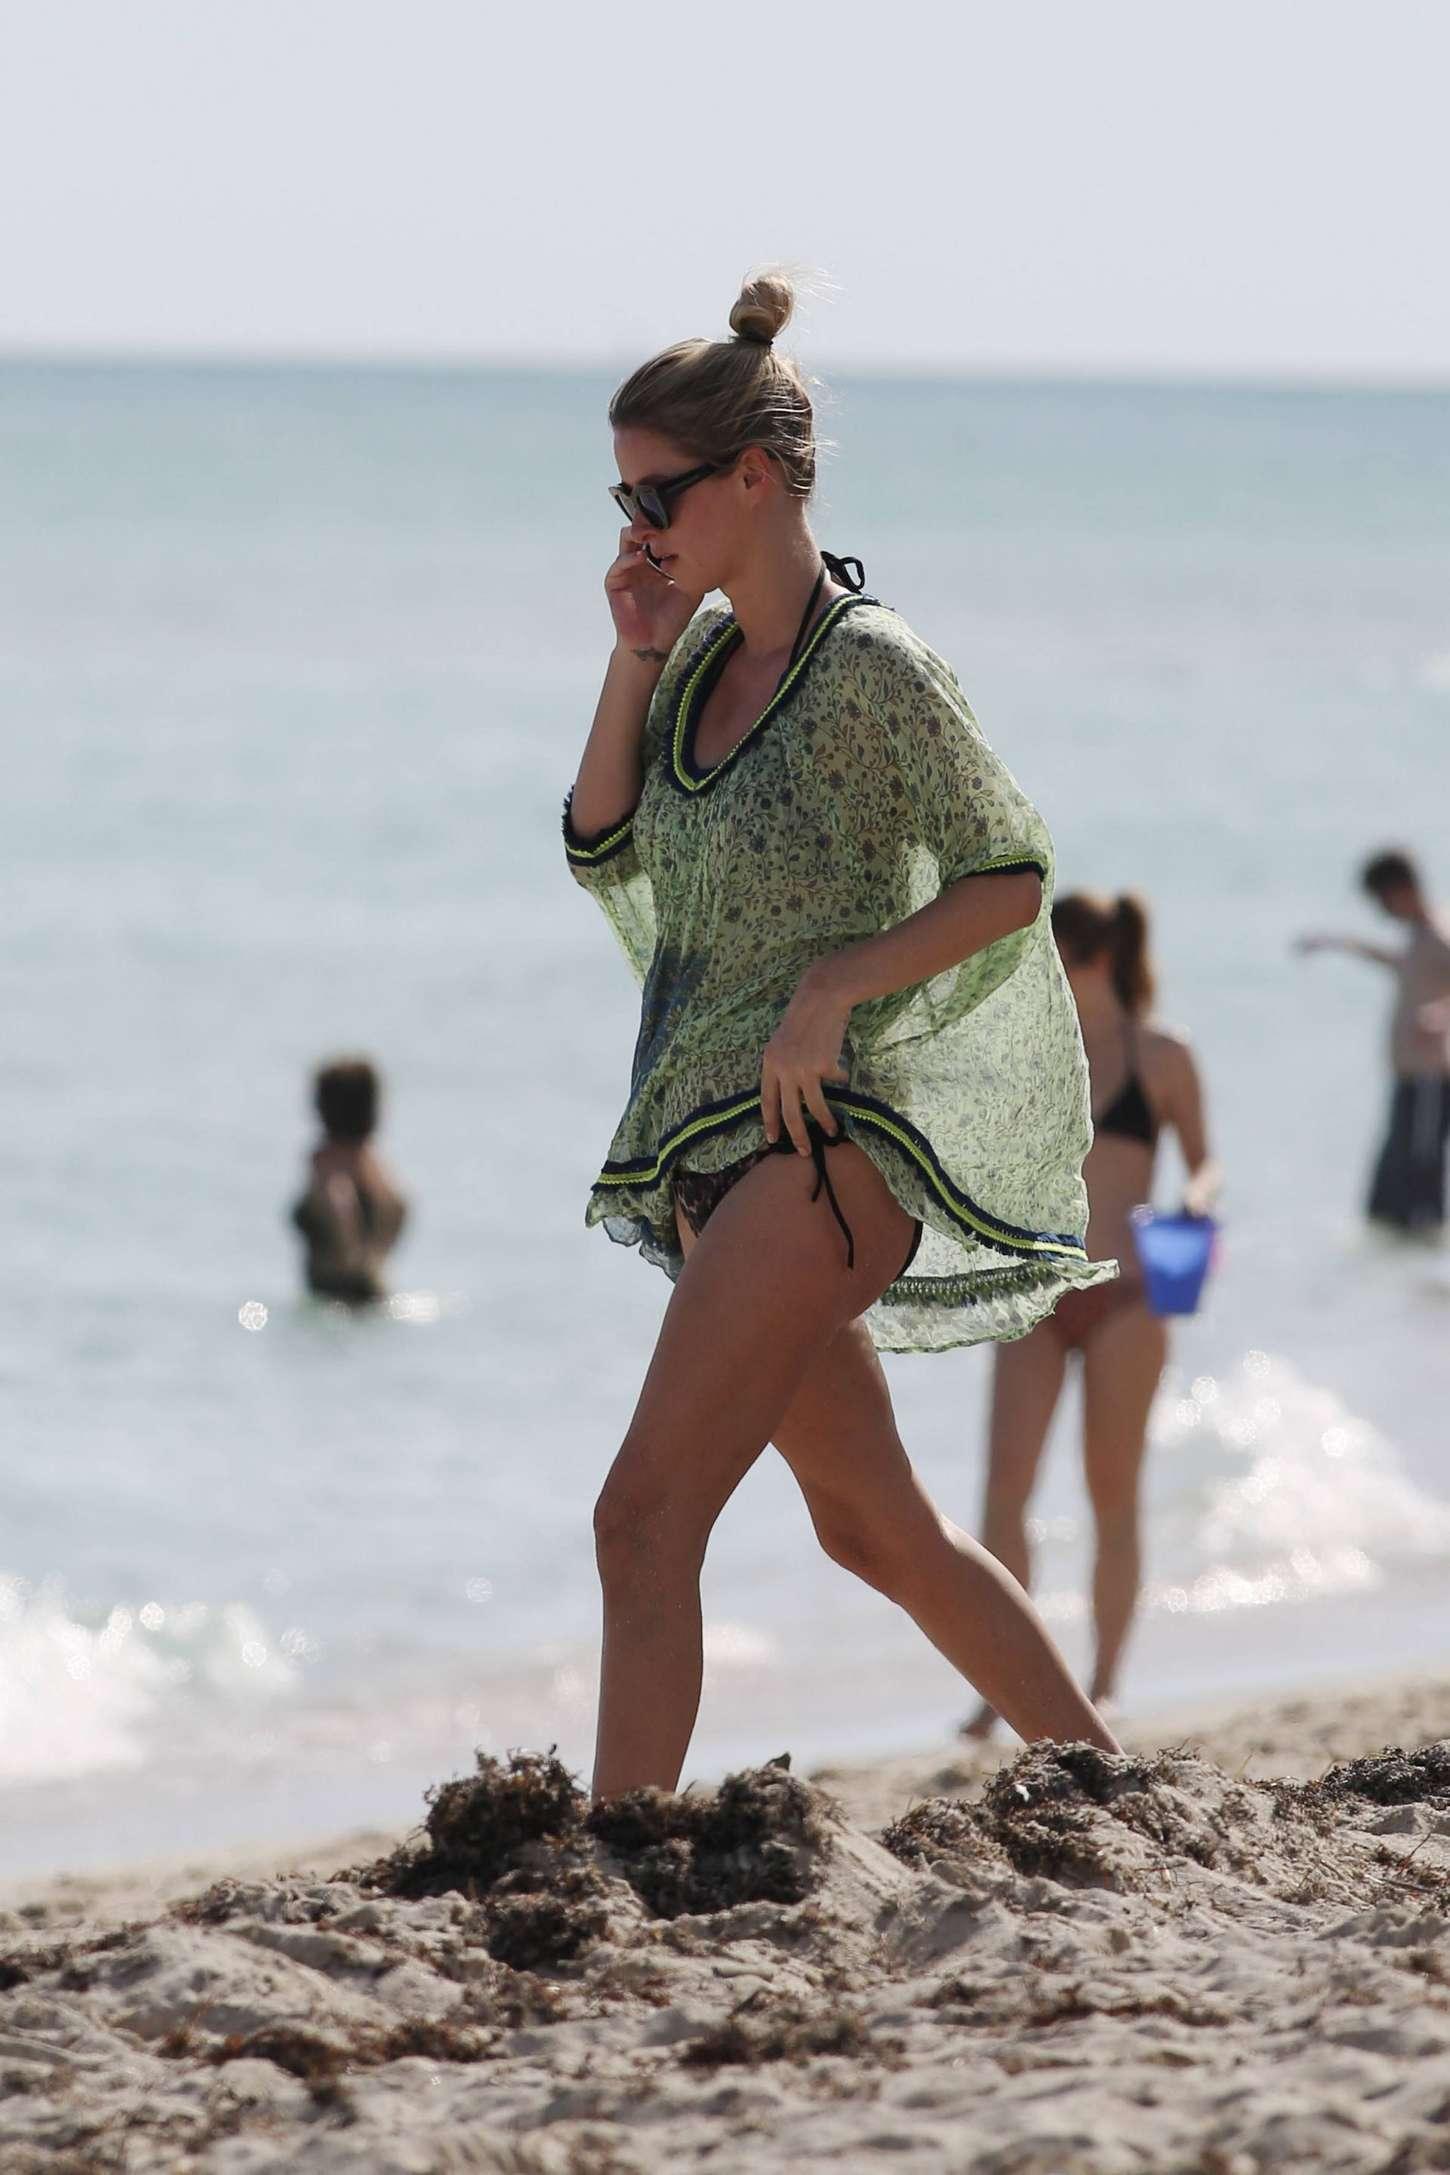 Nicky Hilton 2014 : Nicky Hilton bikini photos 2014-22